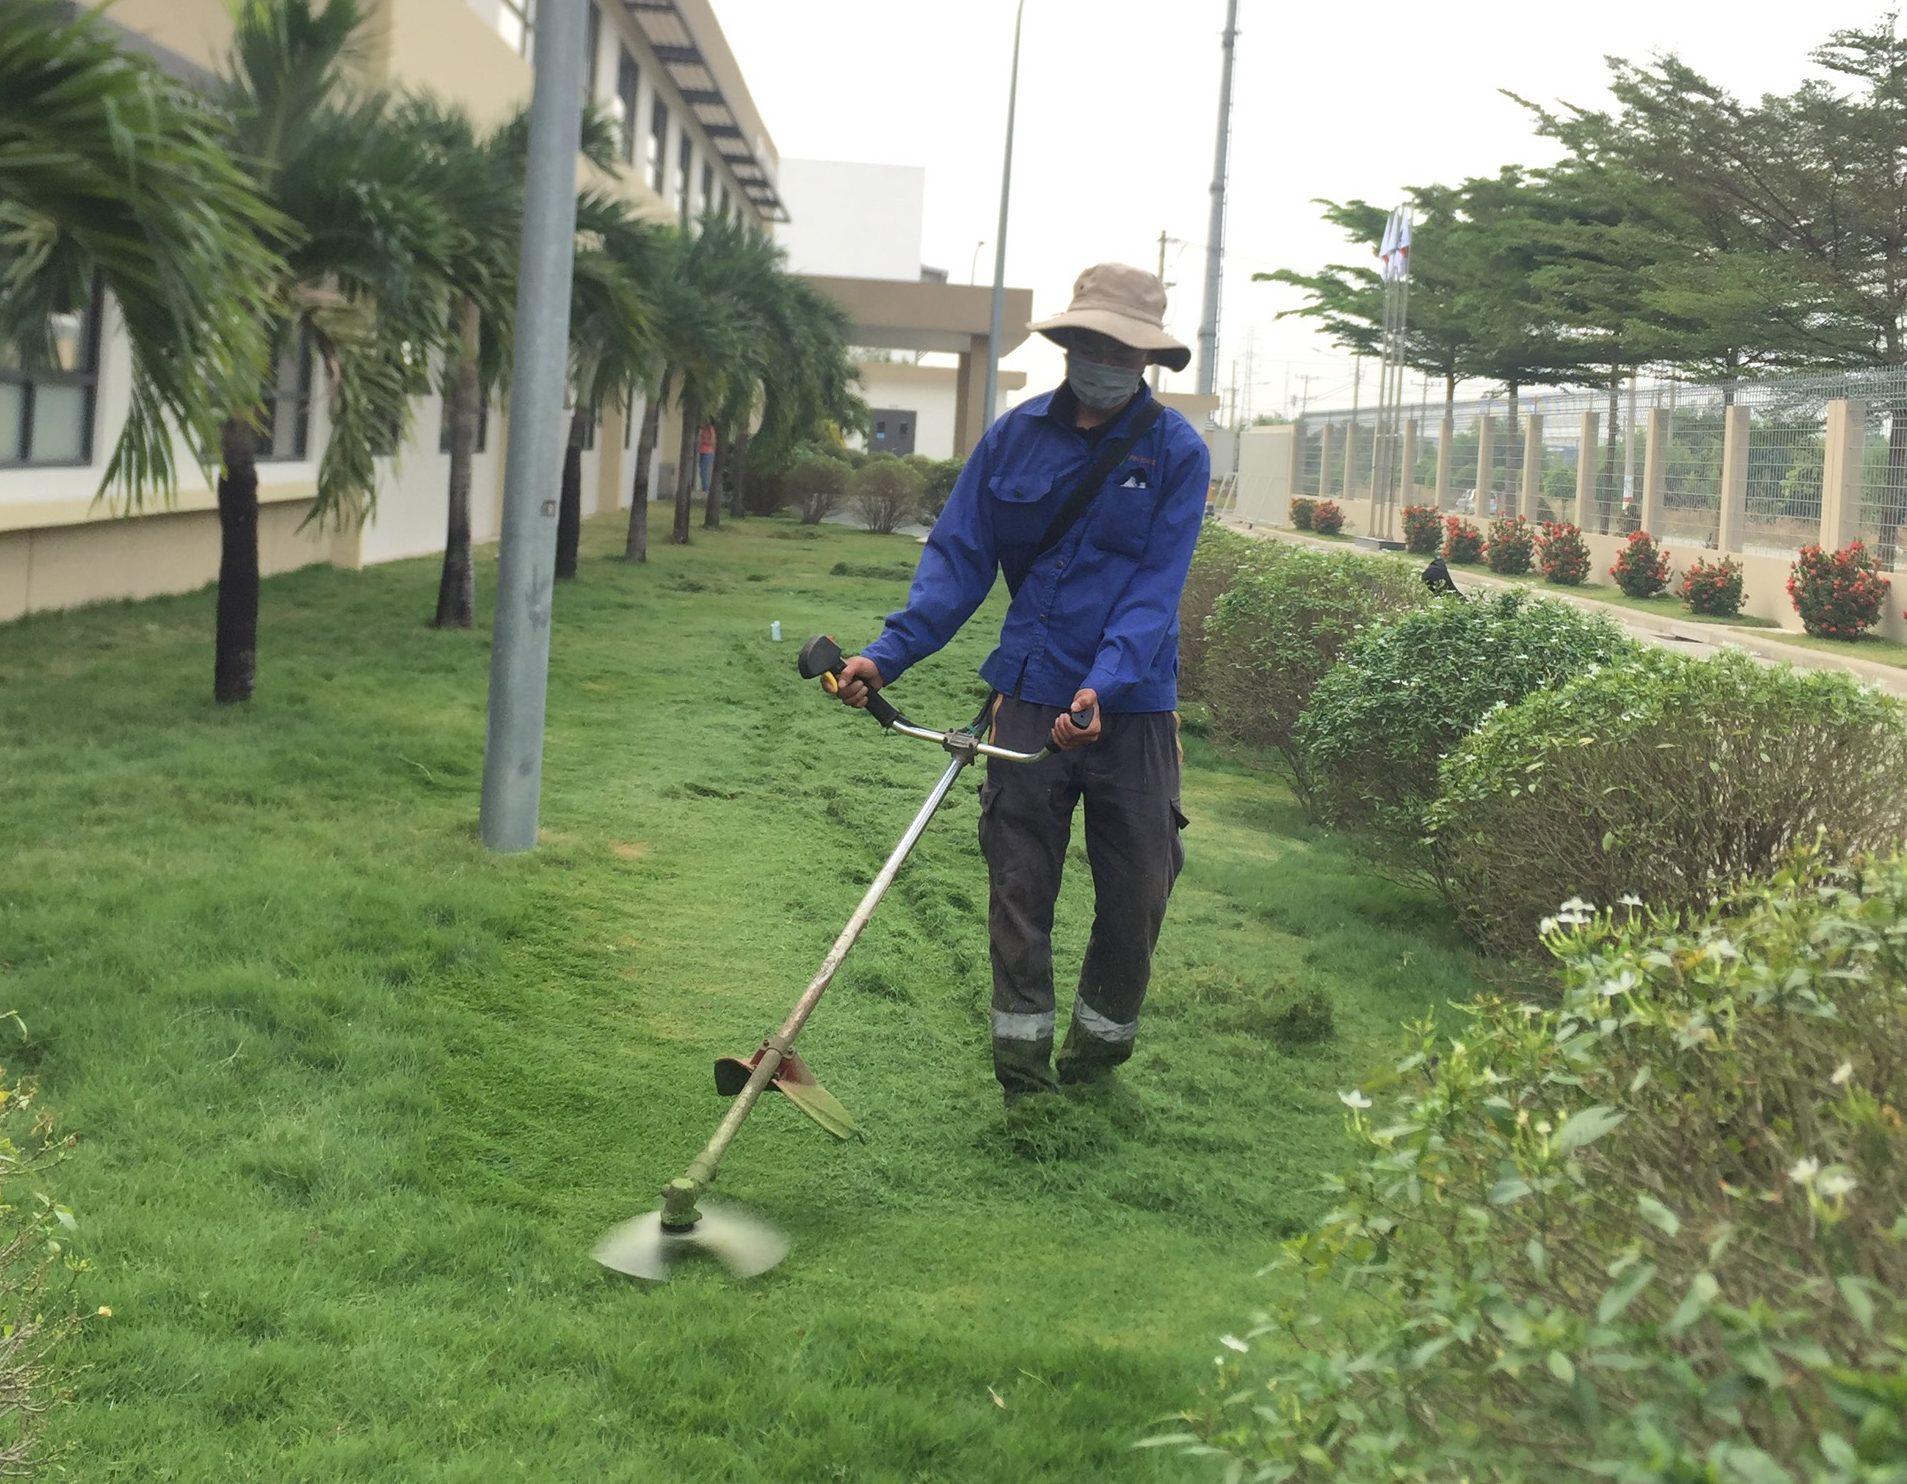 Đơn vị cắt cỏ khu công nghiệp Tân Đông Hiệp - An Khang